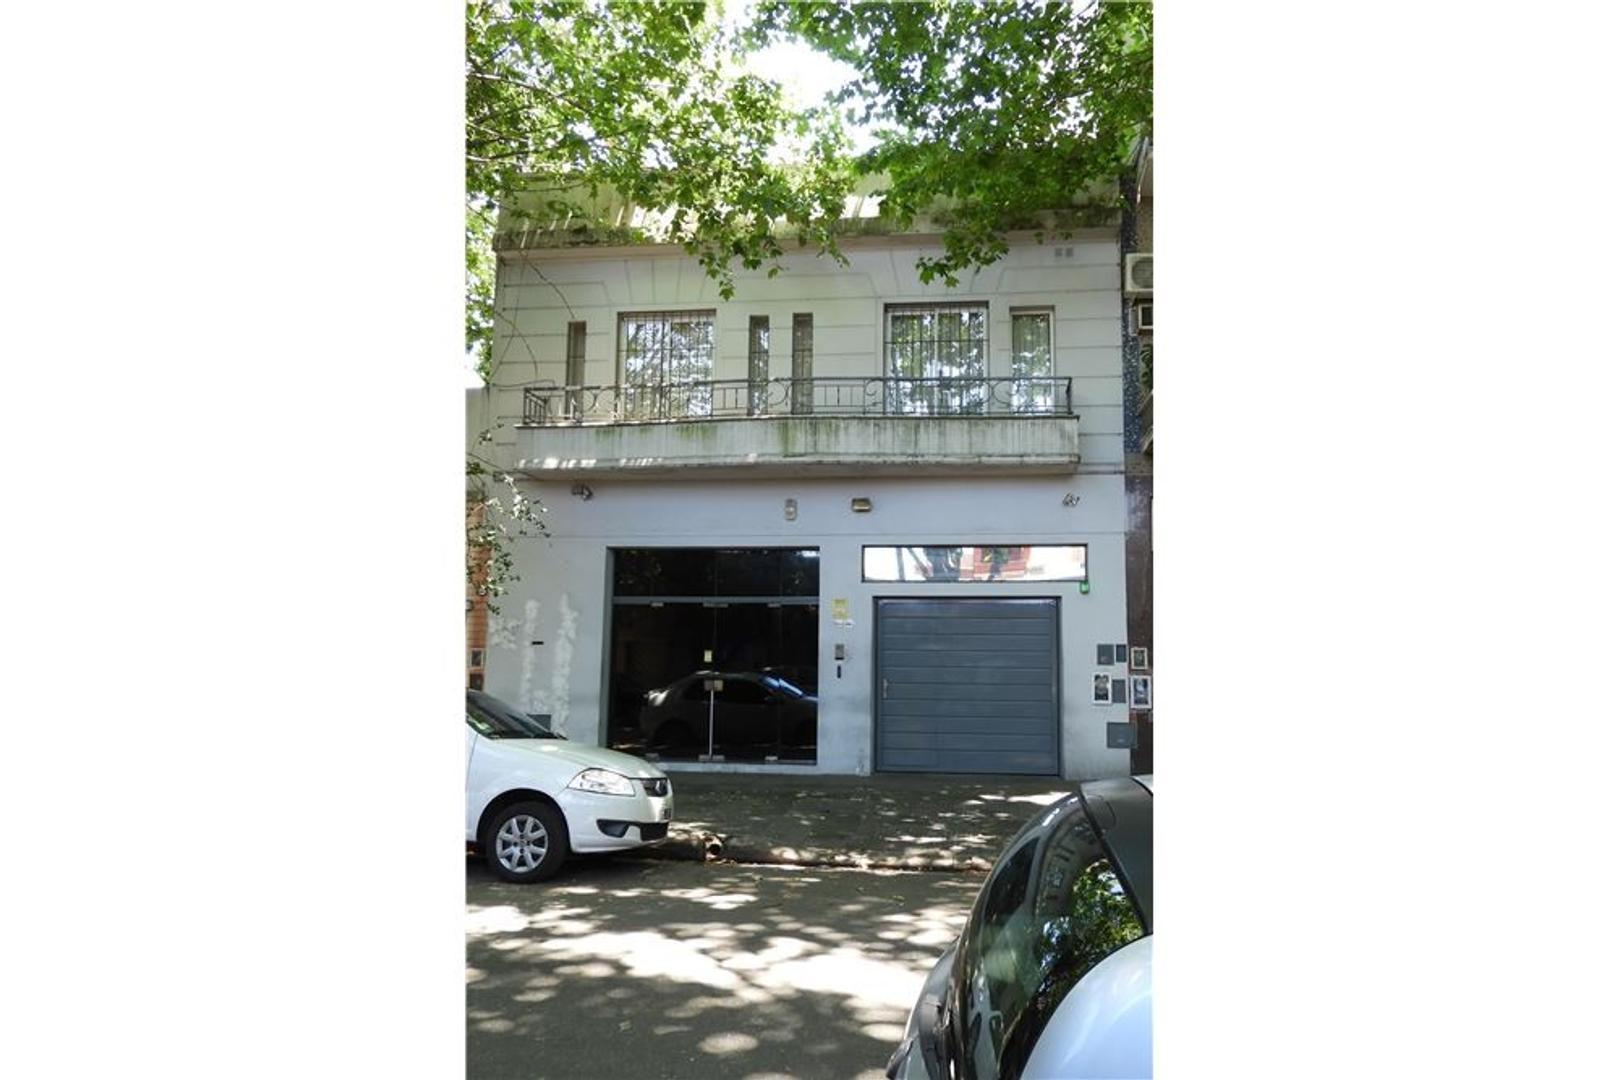 Oficinas en Distrito audiovisual - Chacarita